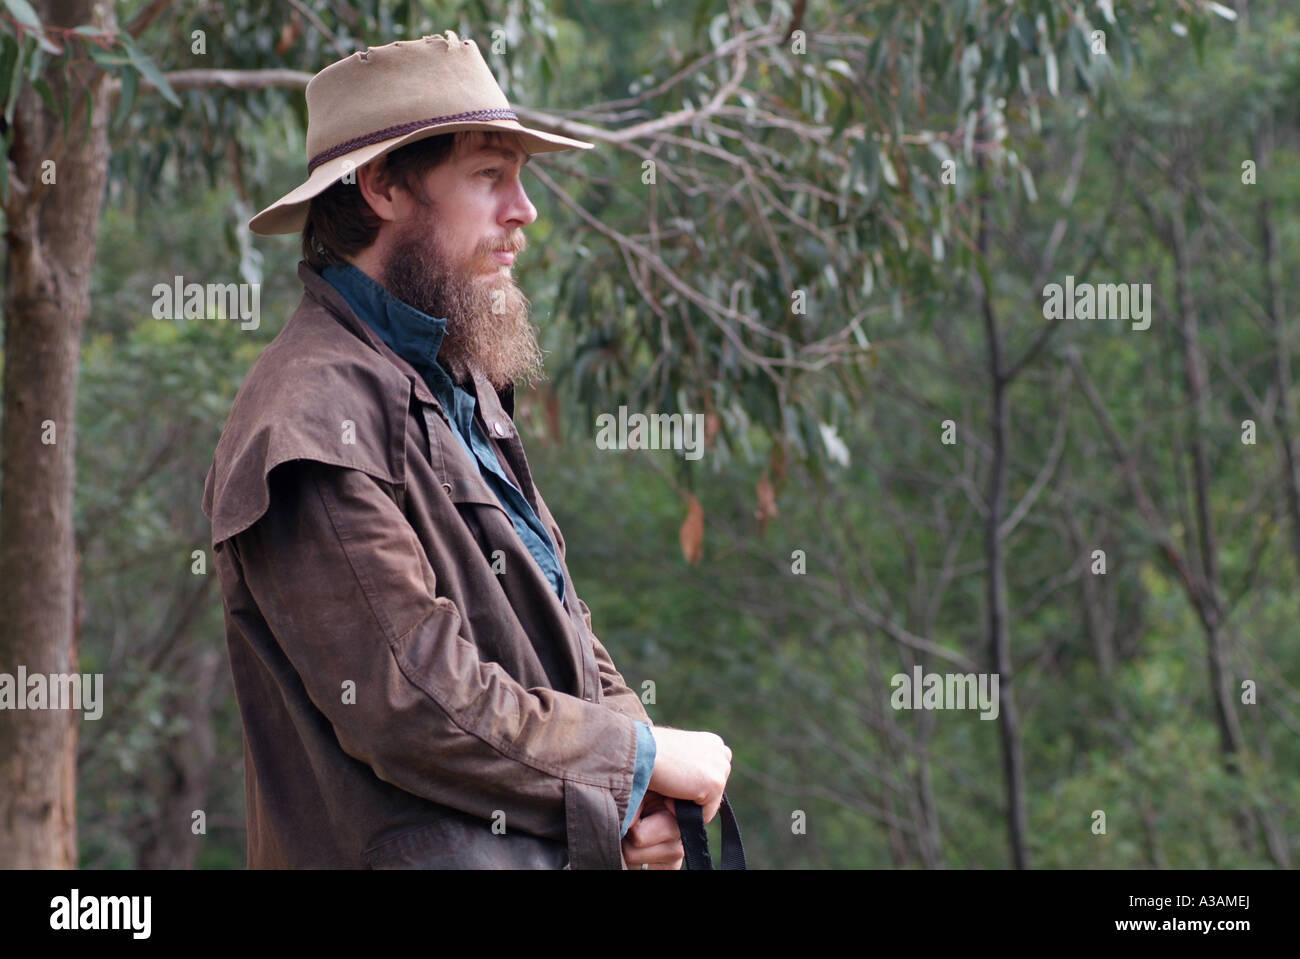 Ganadero australiano montañas campesino con sombrero Akubra y driza Escudo  óseo Imagen De Stock ce6d998644d